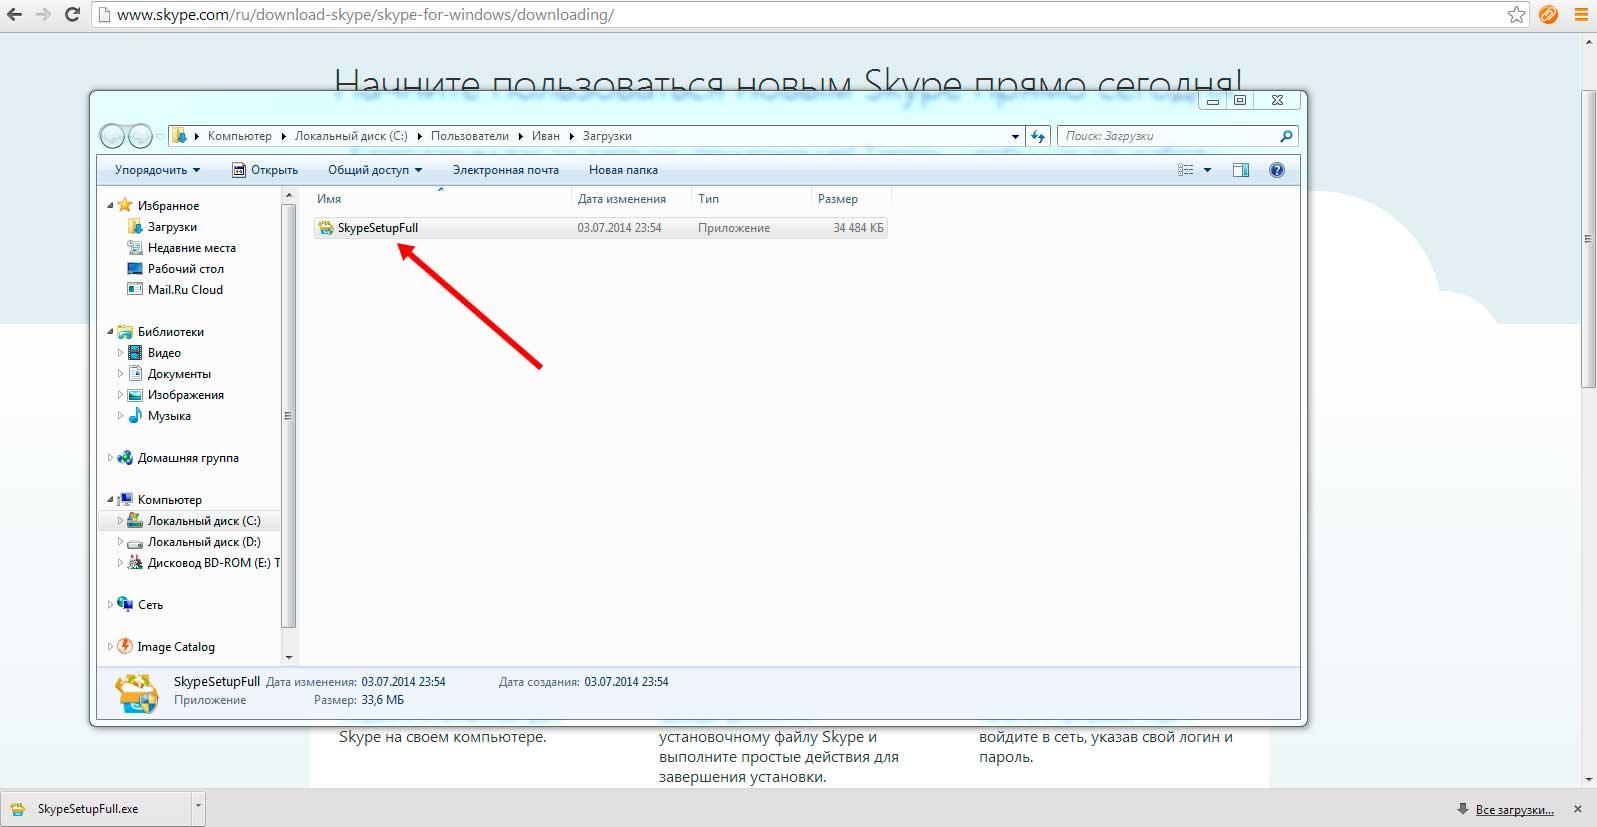 Skype  скачать Скайп для Windows XP  7  8  10